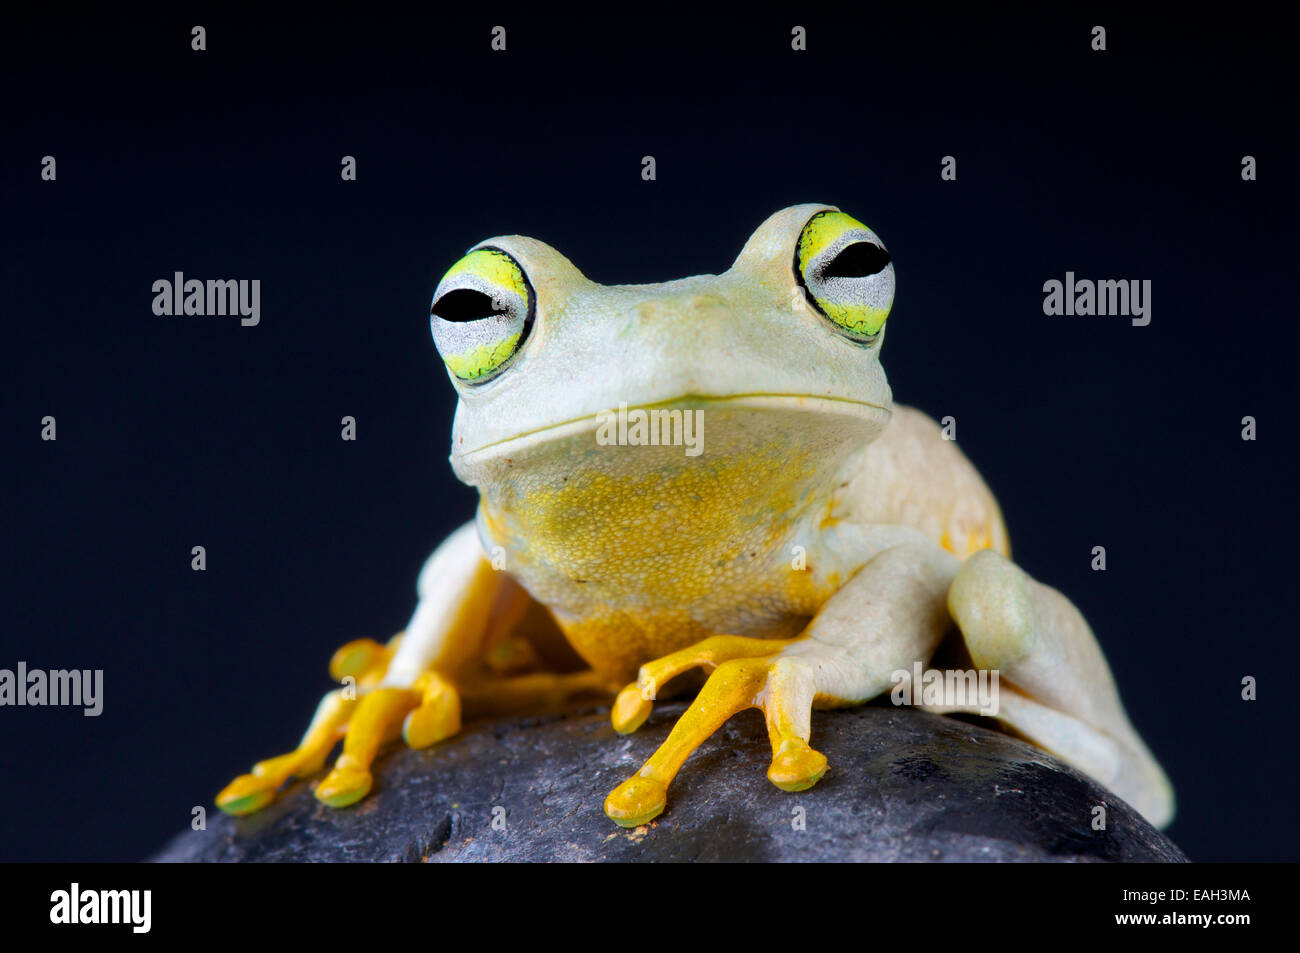 Emerald eyed tree frog / Hypsiboas crepitans - Stock Image